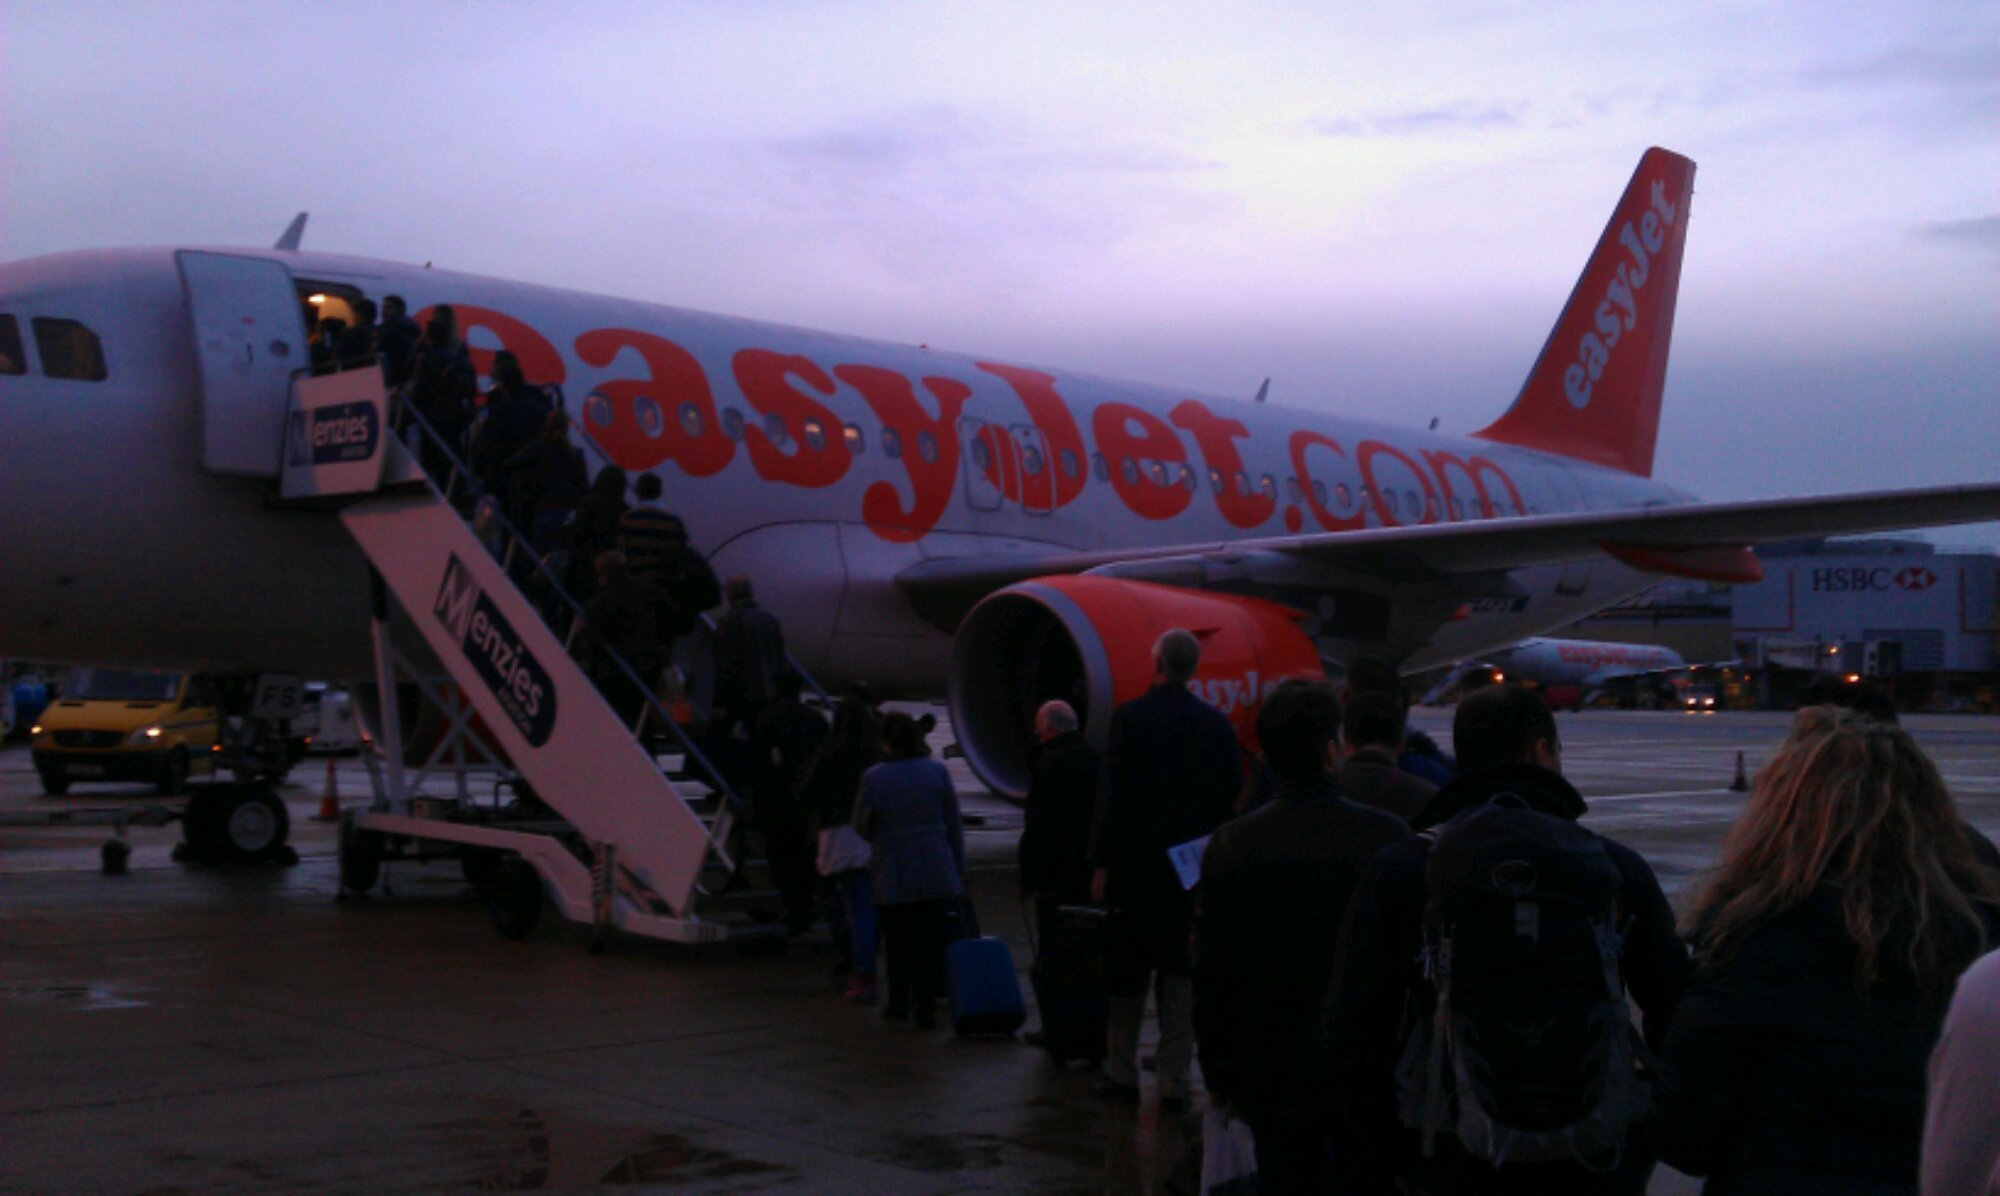 Boarding an EasyJet